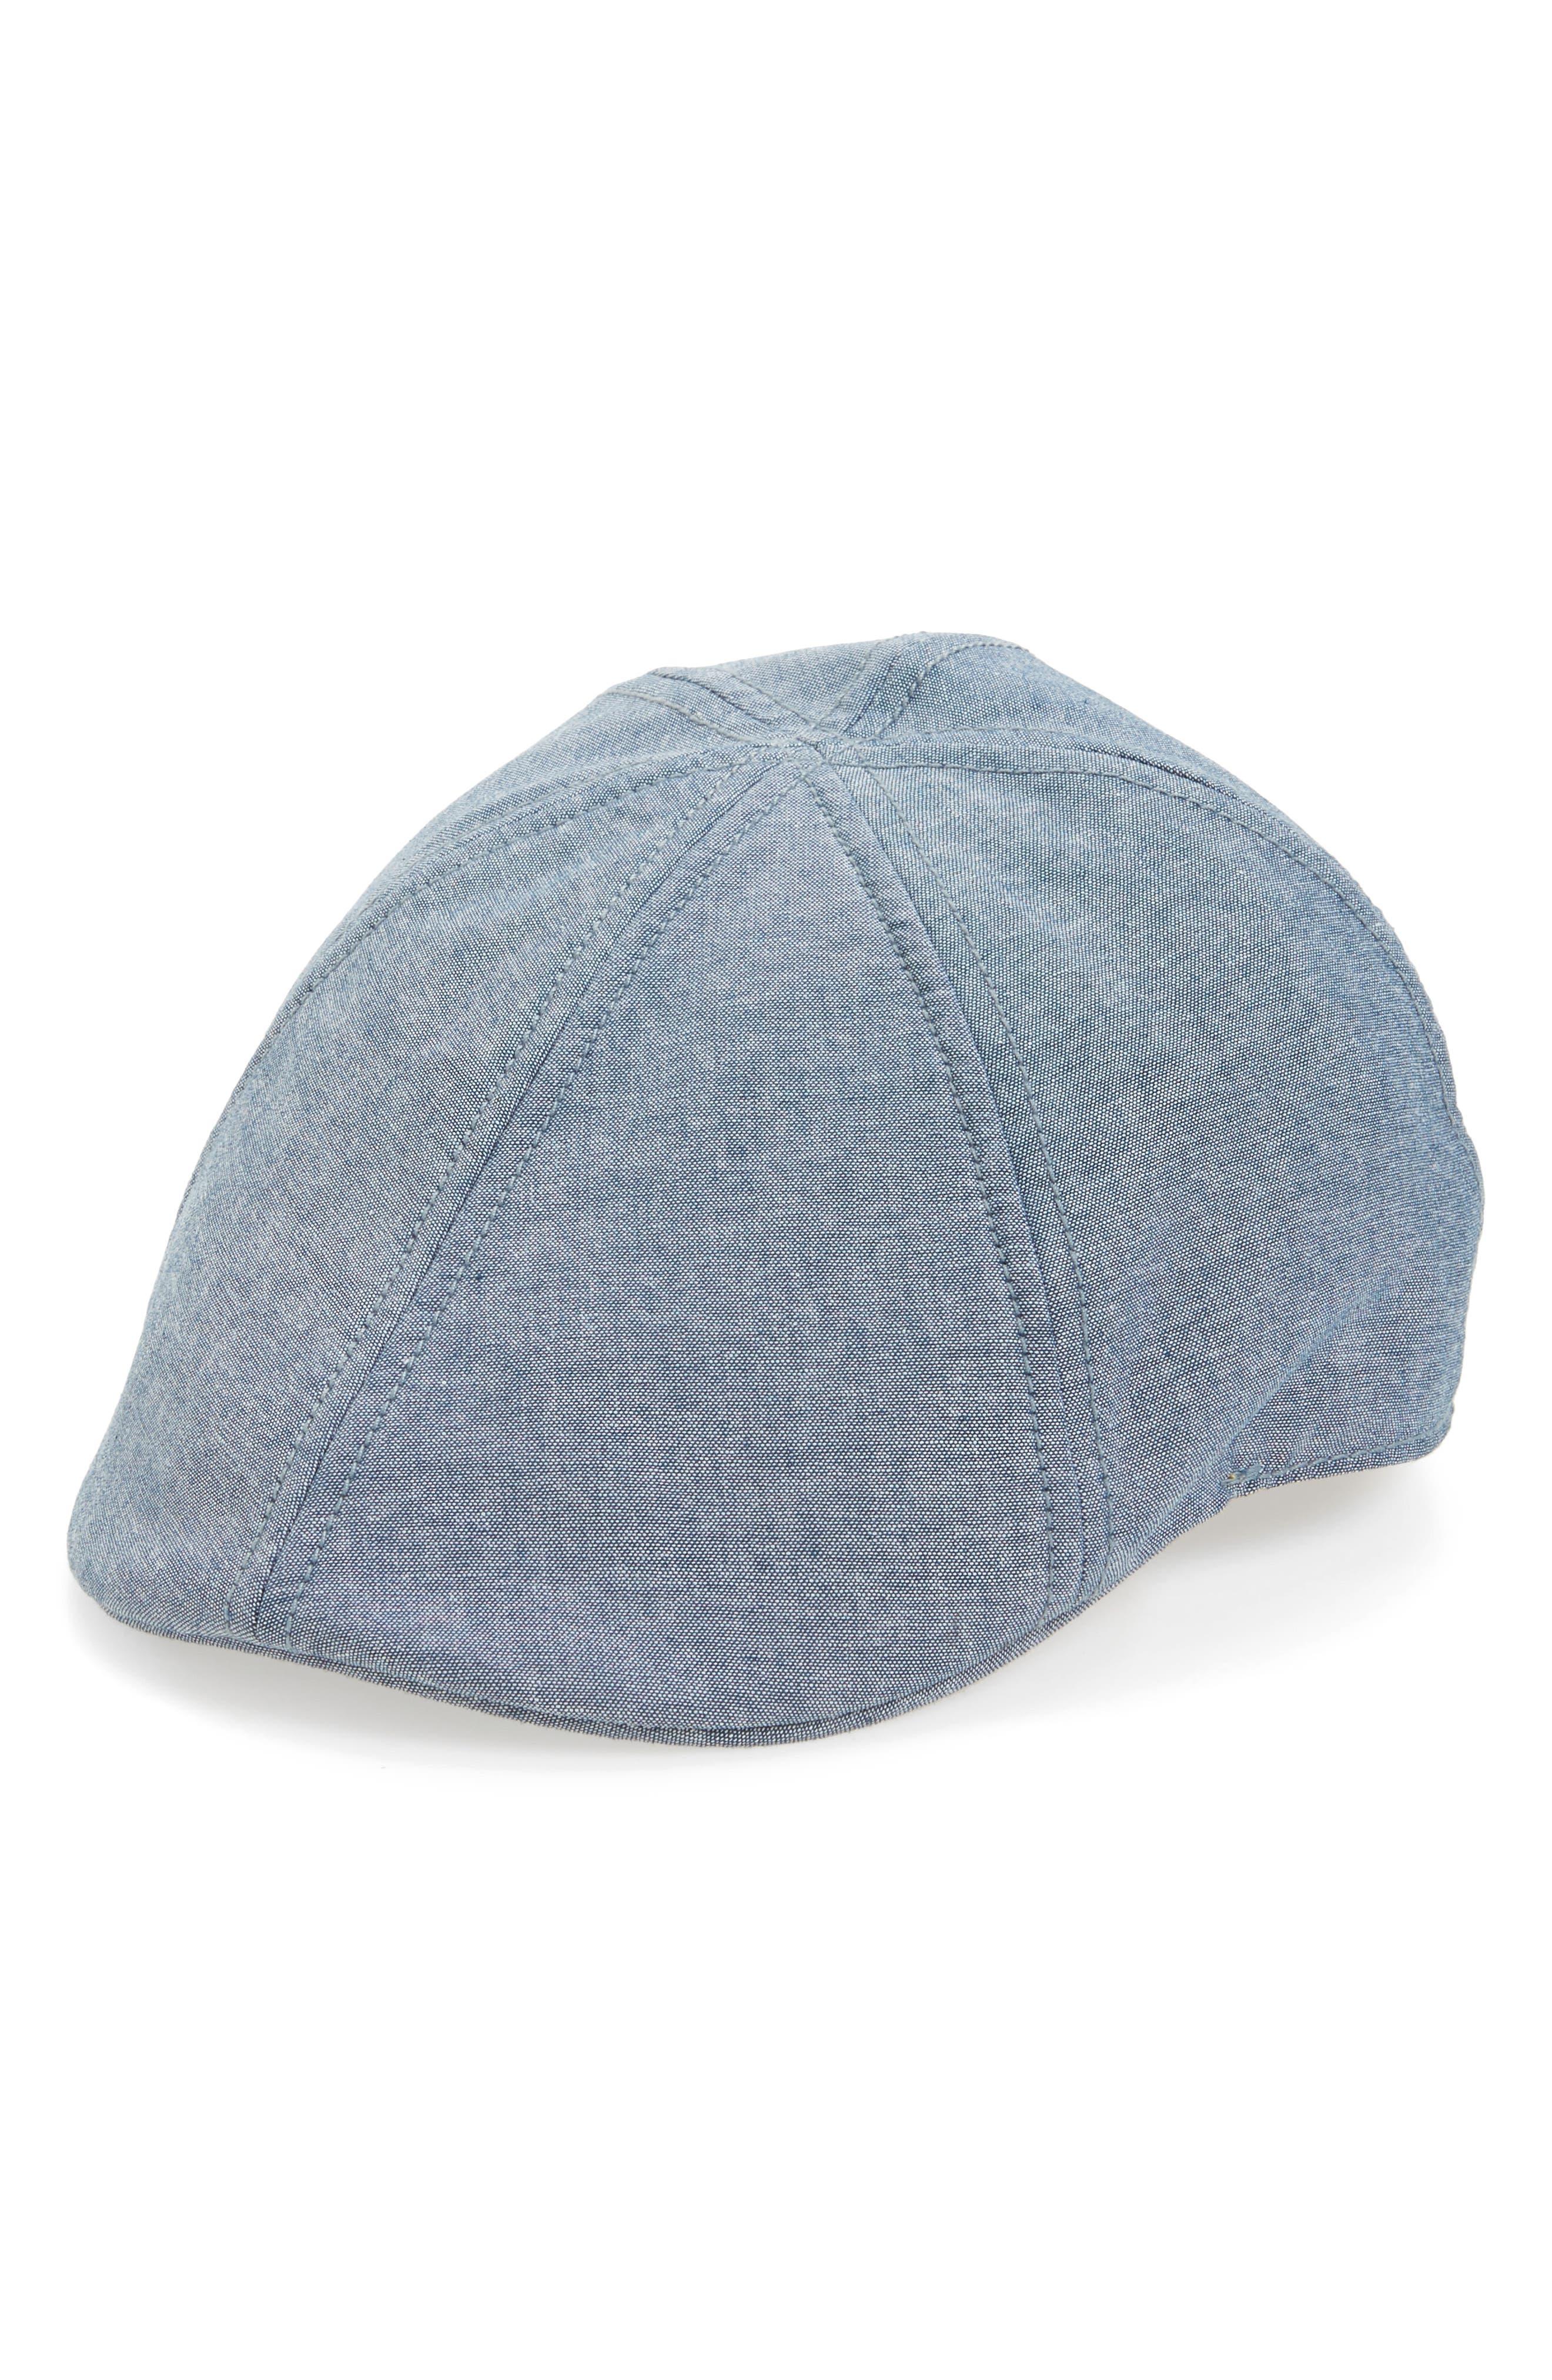 GOORIN BROTHERS, Mr. Bang Driver's Hat, Main thumbnail 1, color, BLUE